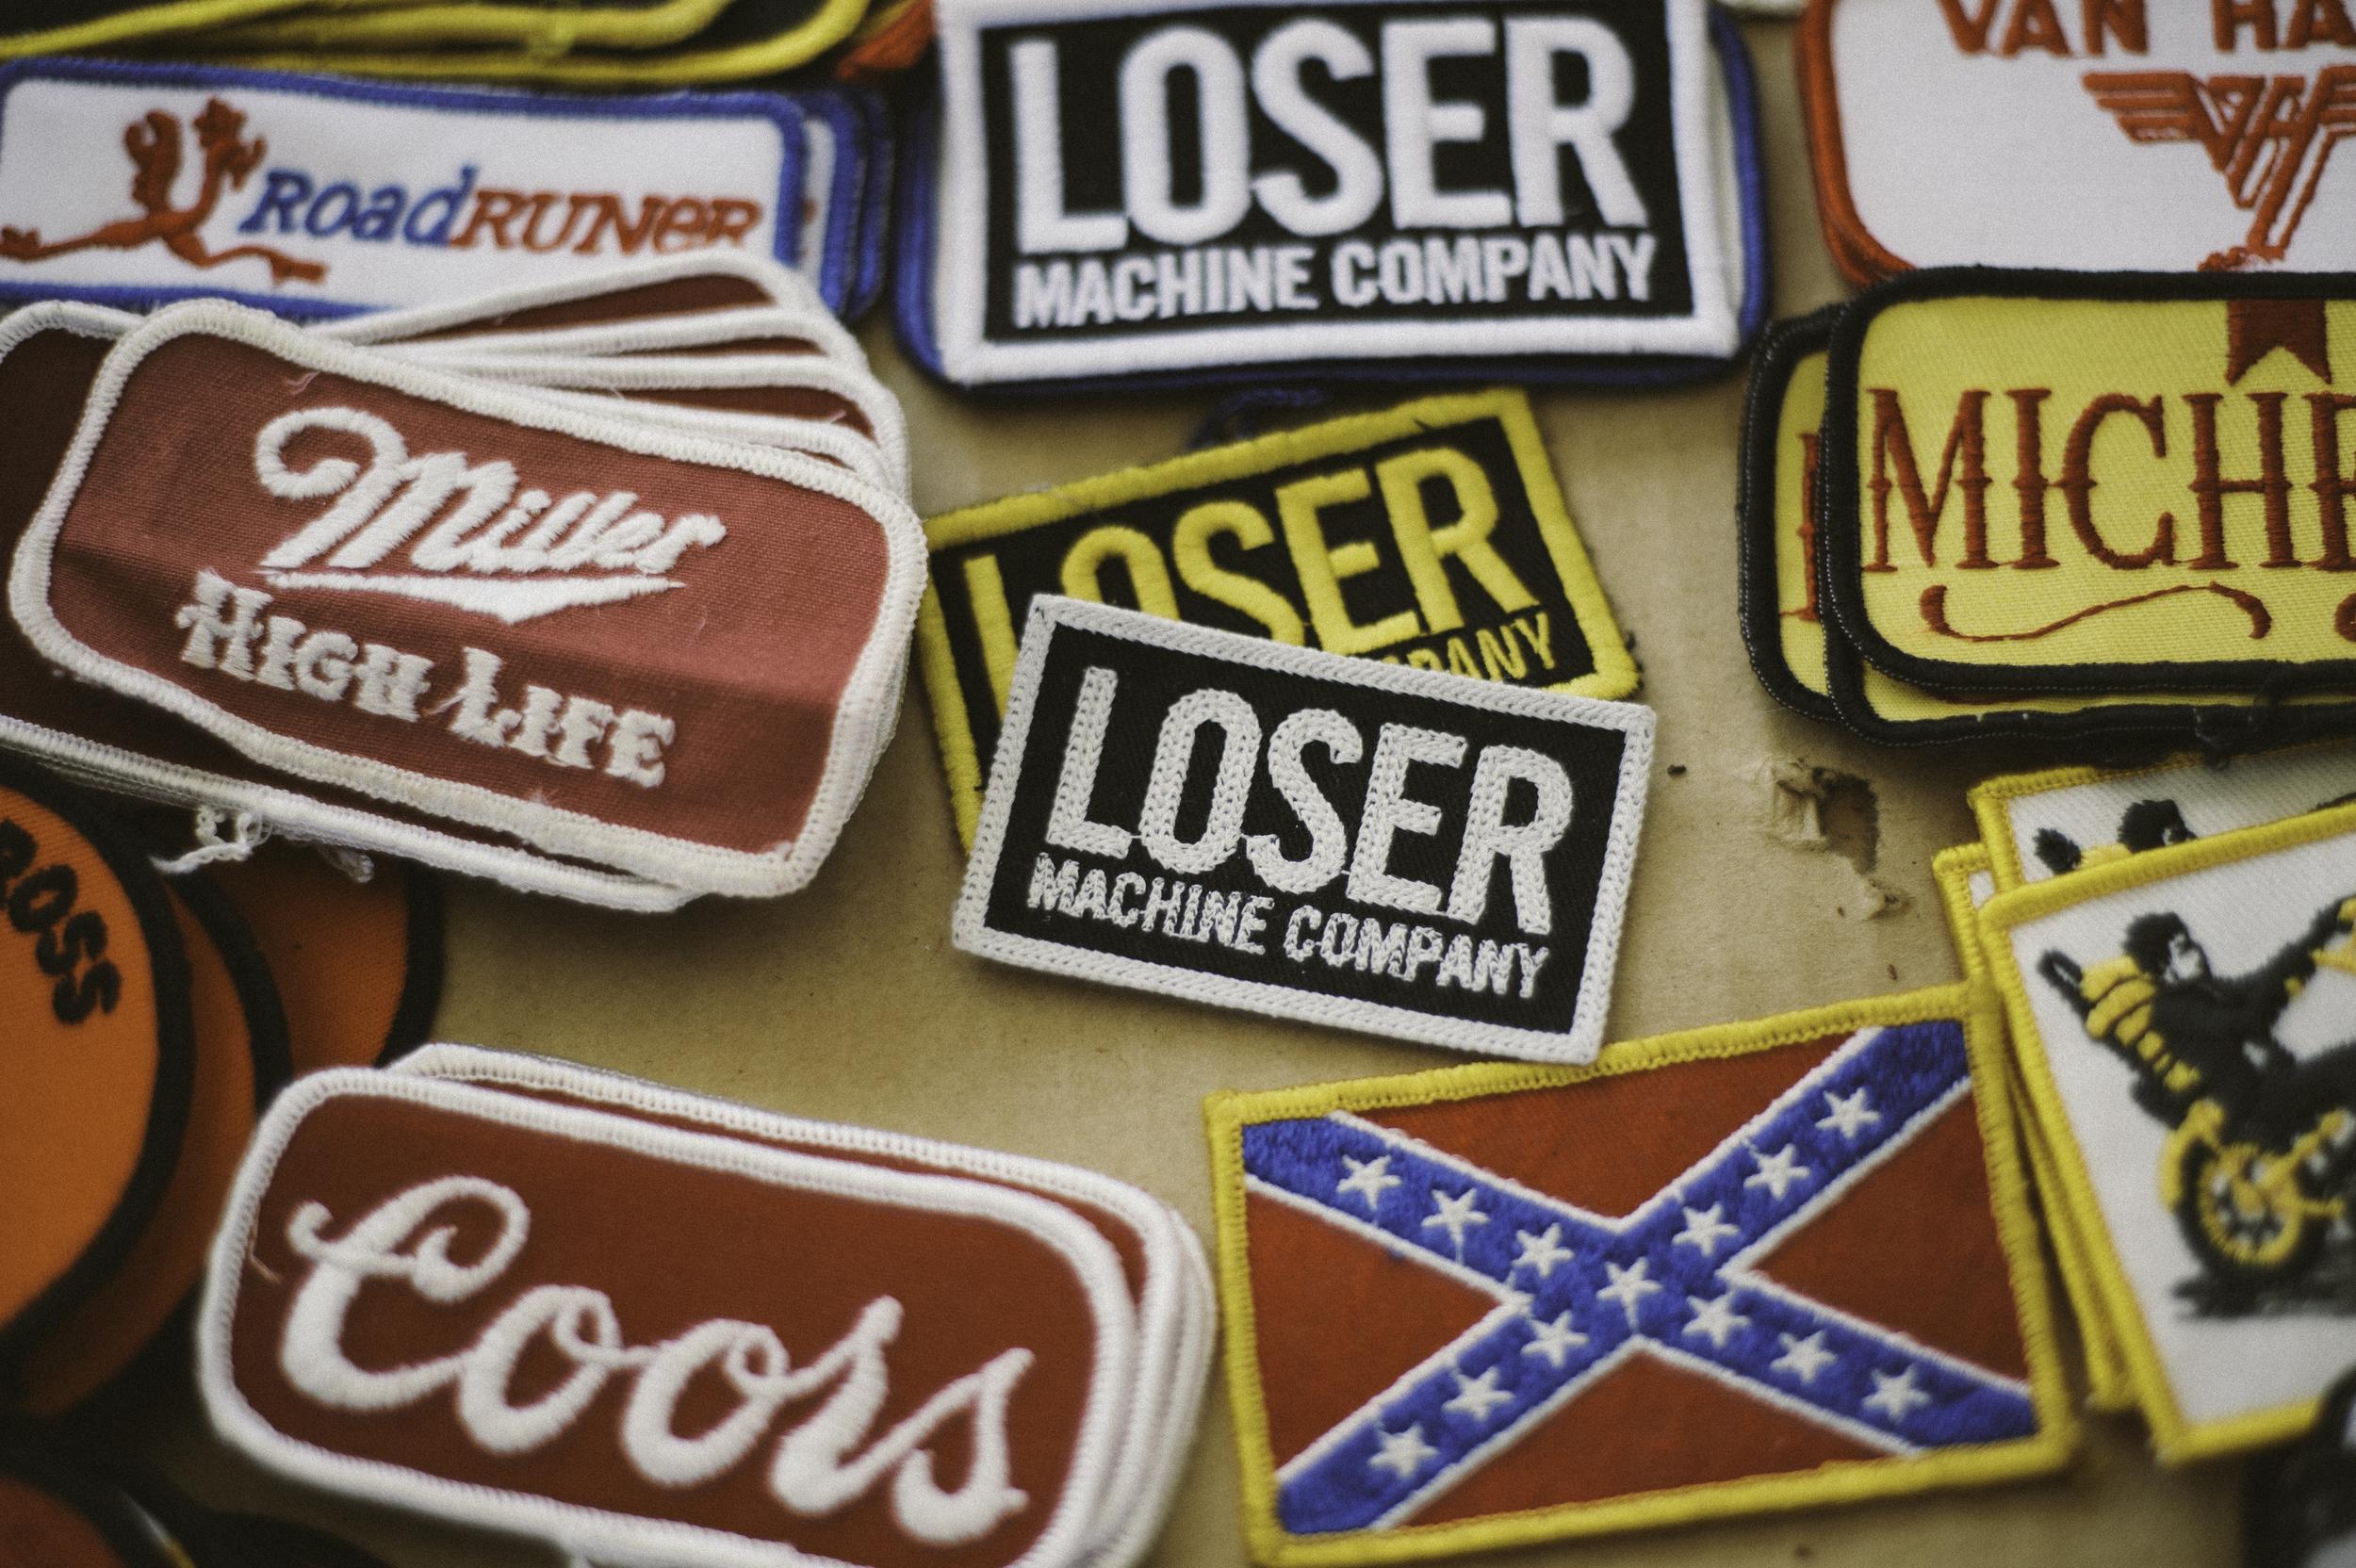 LoserSpring15_20.jpg